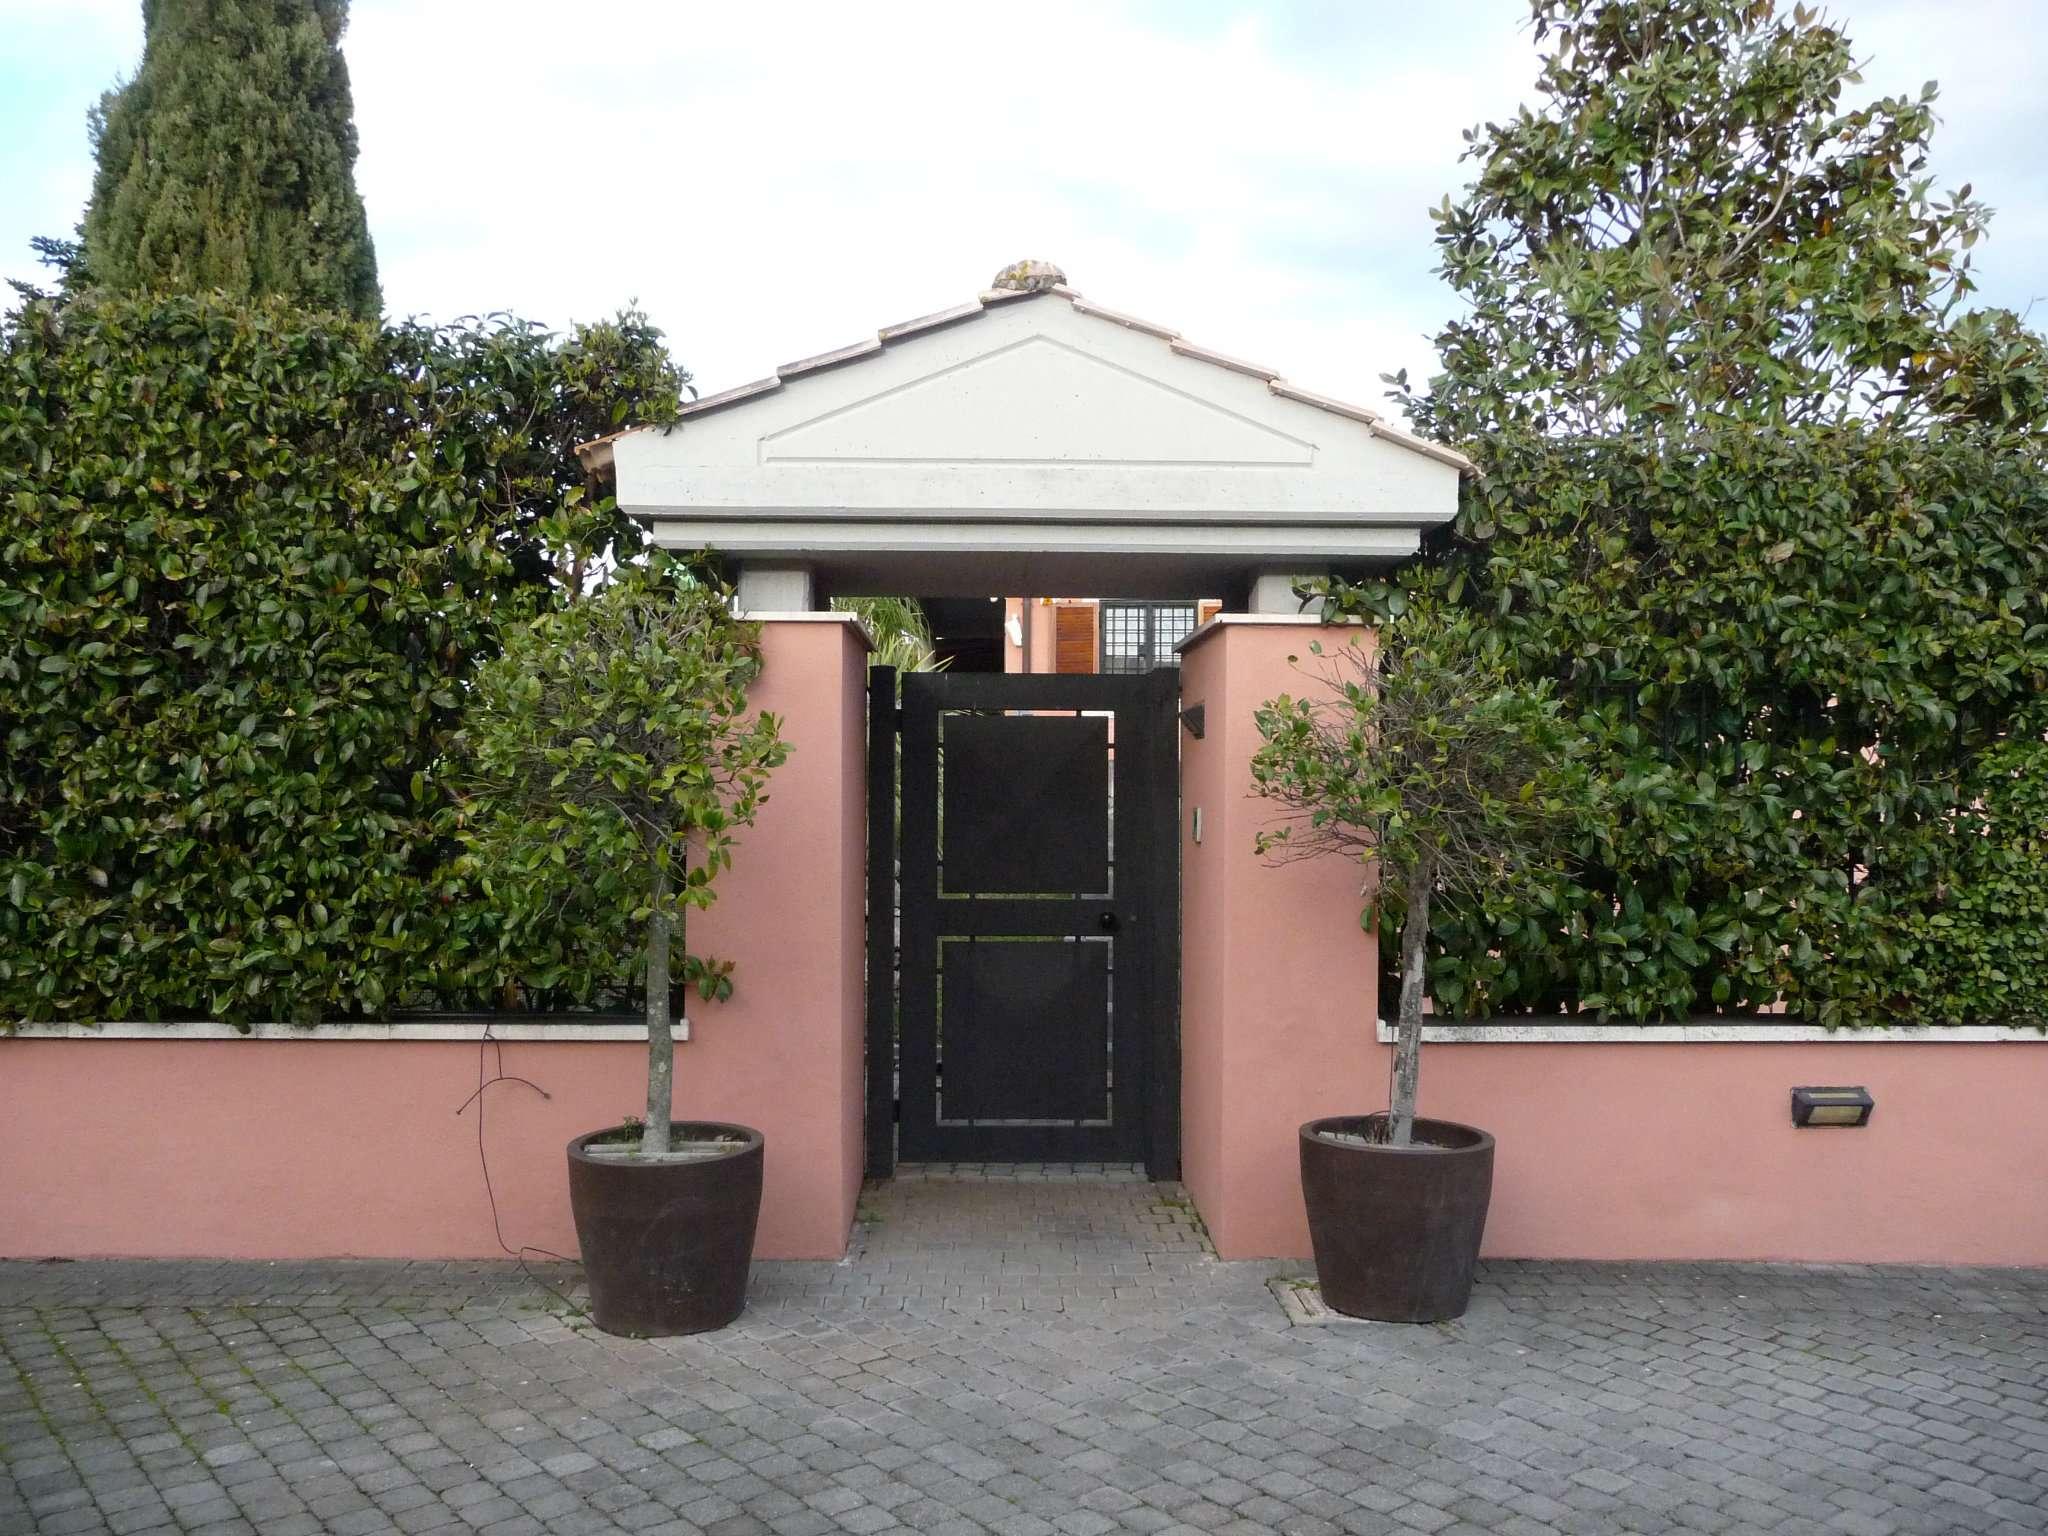 Villa con giardino affitto a roma for Affitto uffici zona eur